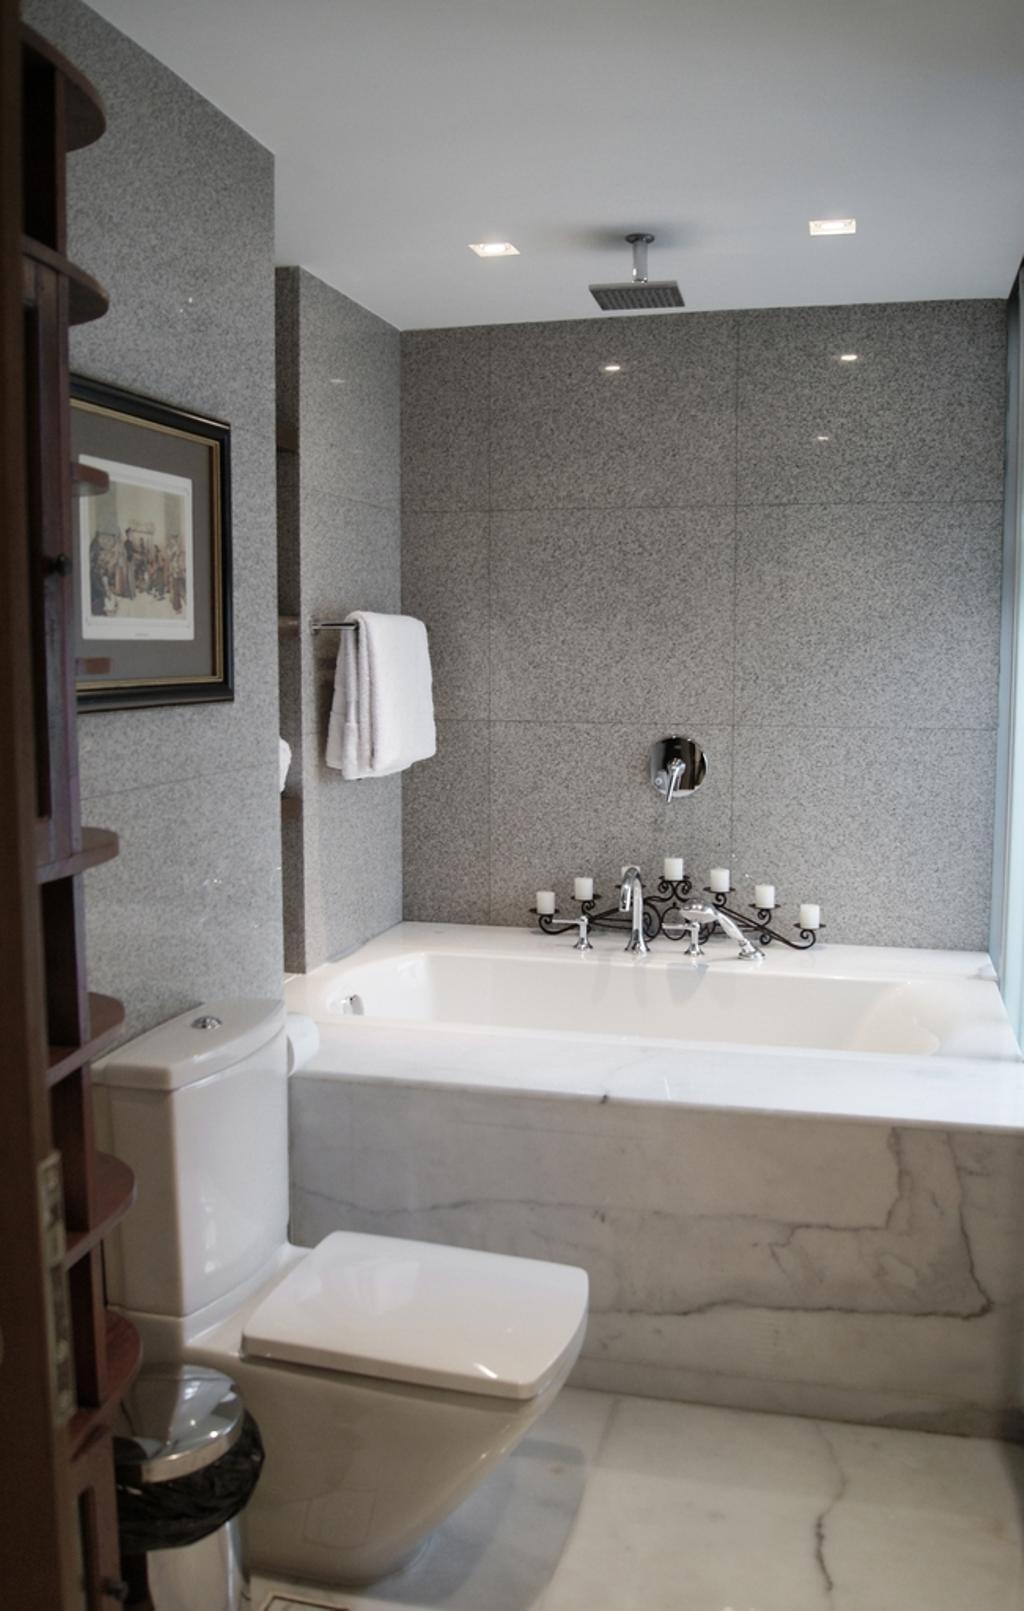 Transitional, Condo, Bathroom, The Levelz, Interior Designer, Metamorph Design, Marble Flooring, Bathroom Tiles, Towel, Indoors, Interior Design, Room, Sink